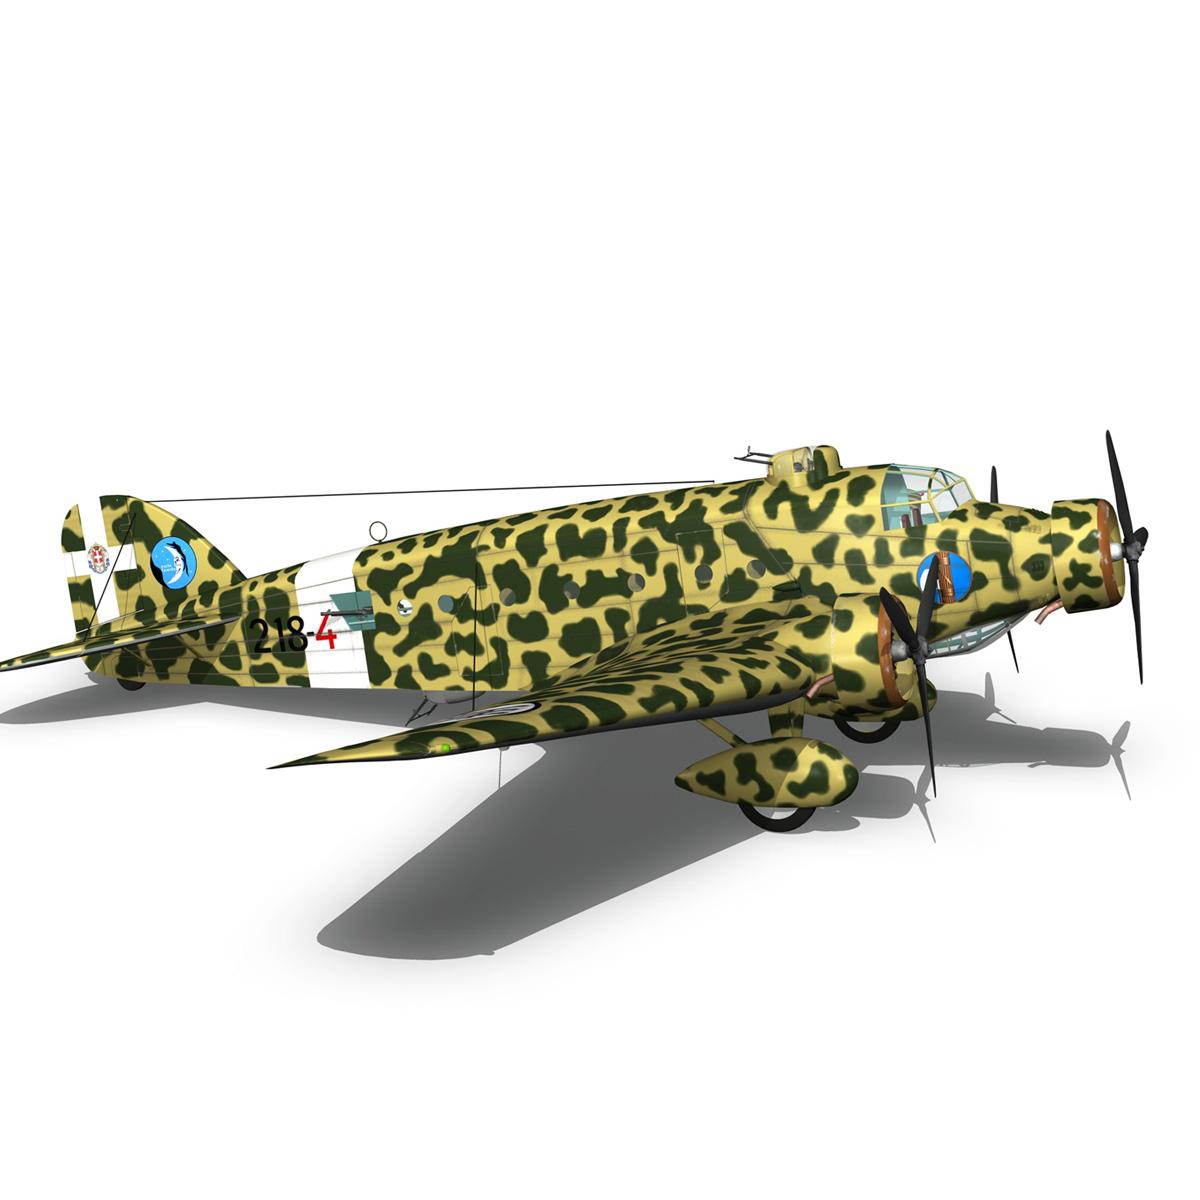 savoia-marchetti sm81 pipistrello model 3d 3ds fbx c4d lwo obj 274197